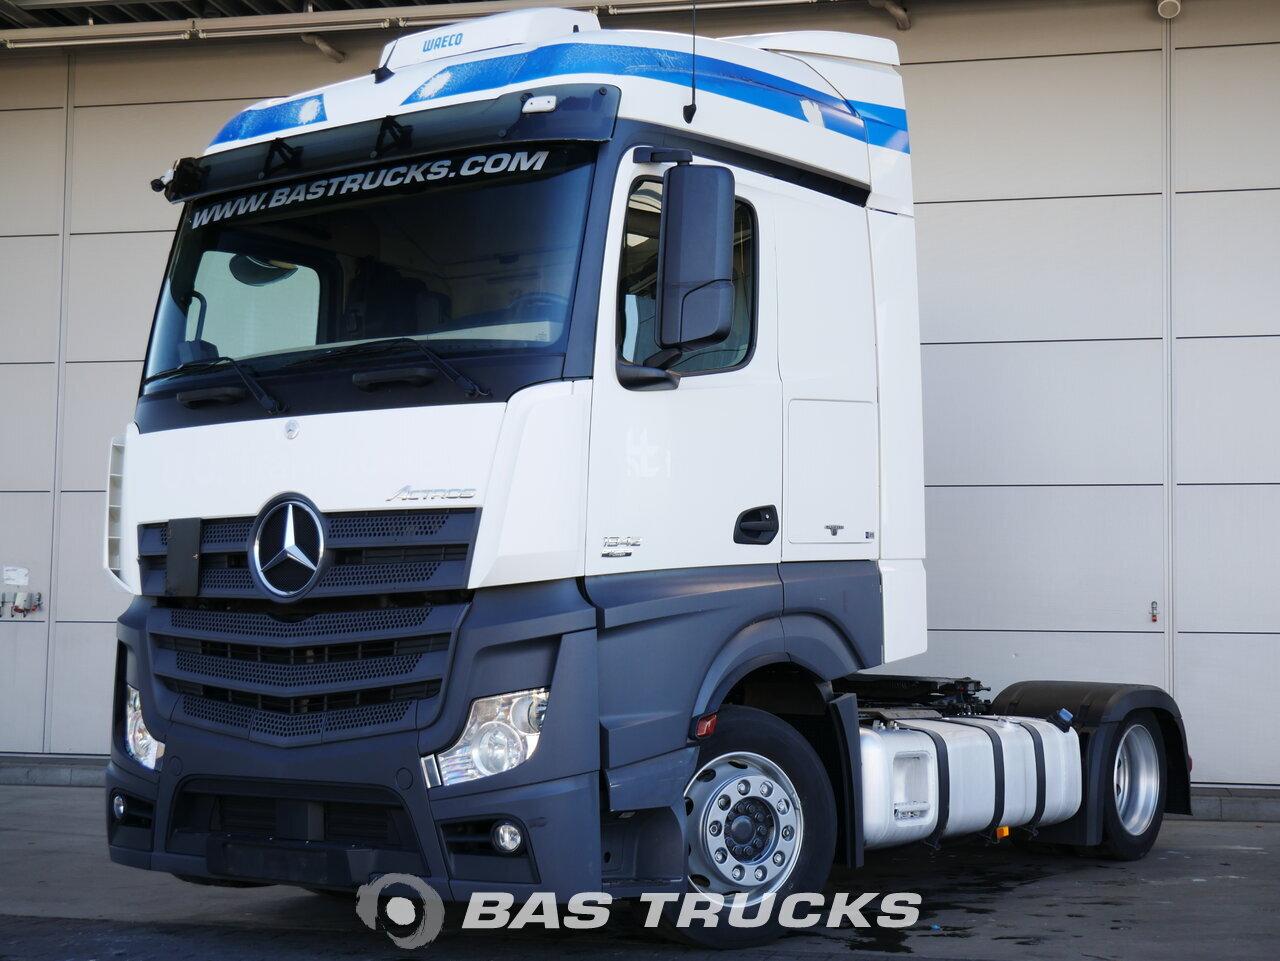 foto di Usato Trattore Mercedes Actros 1842 LL 4X2 2012